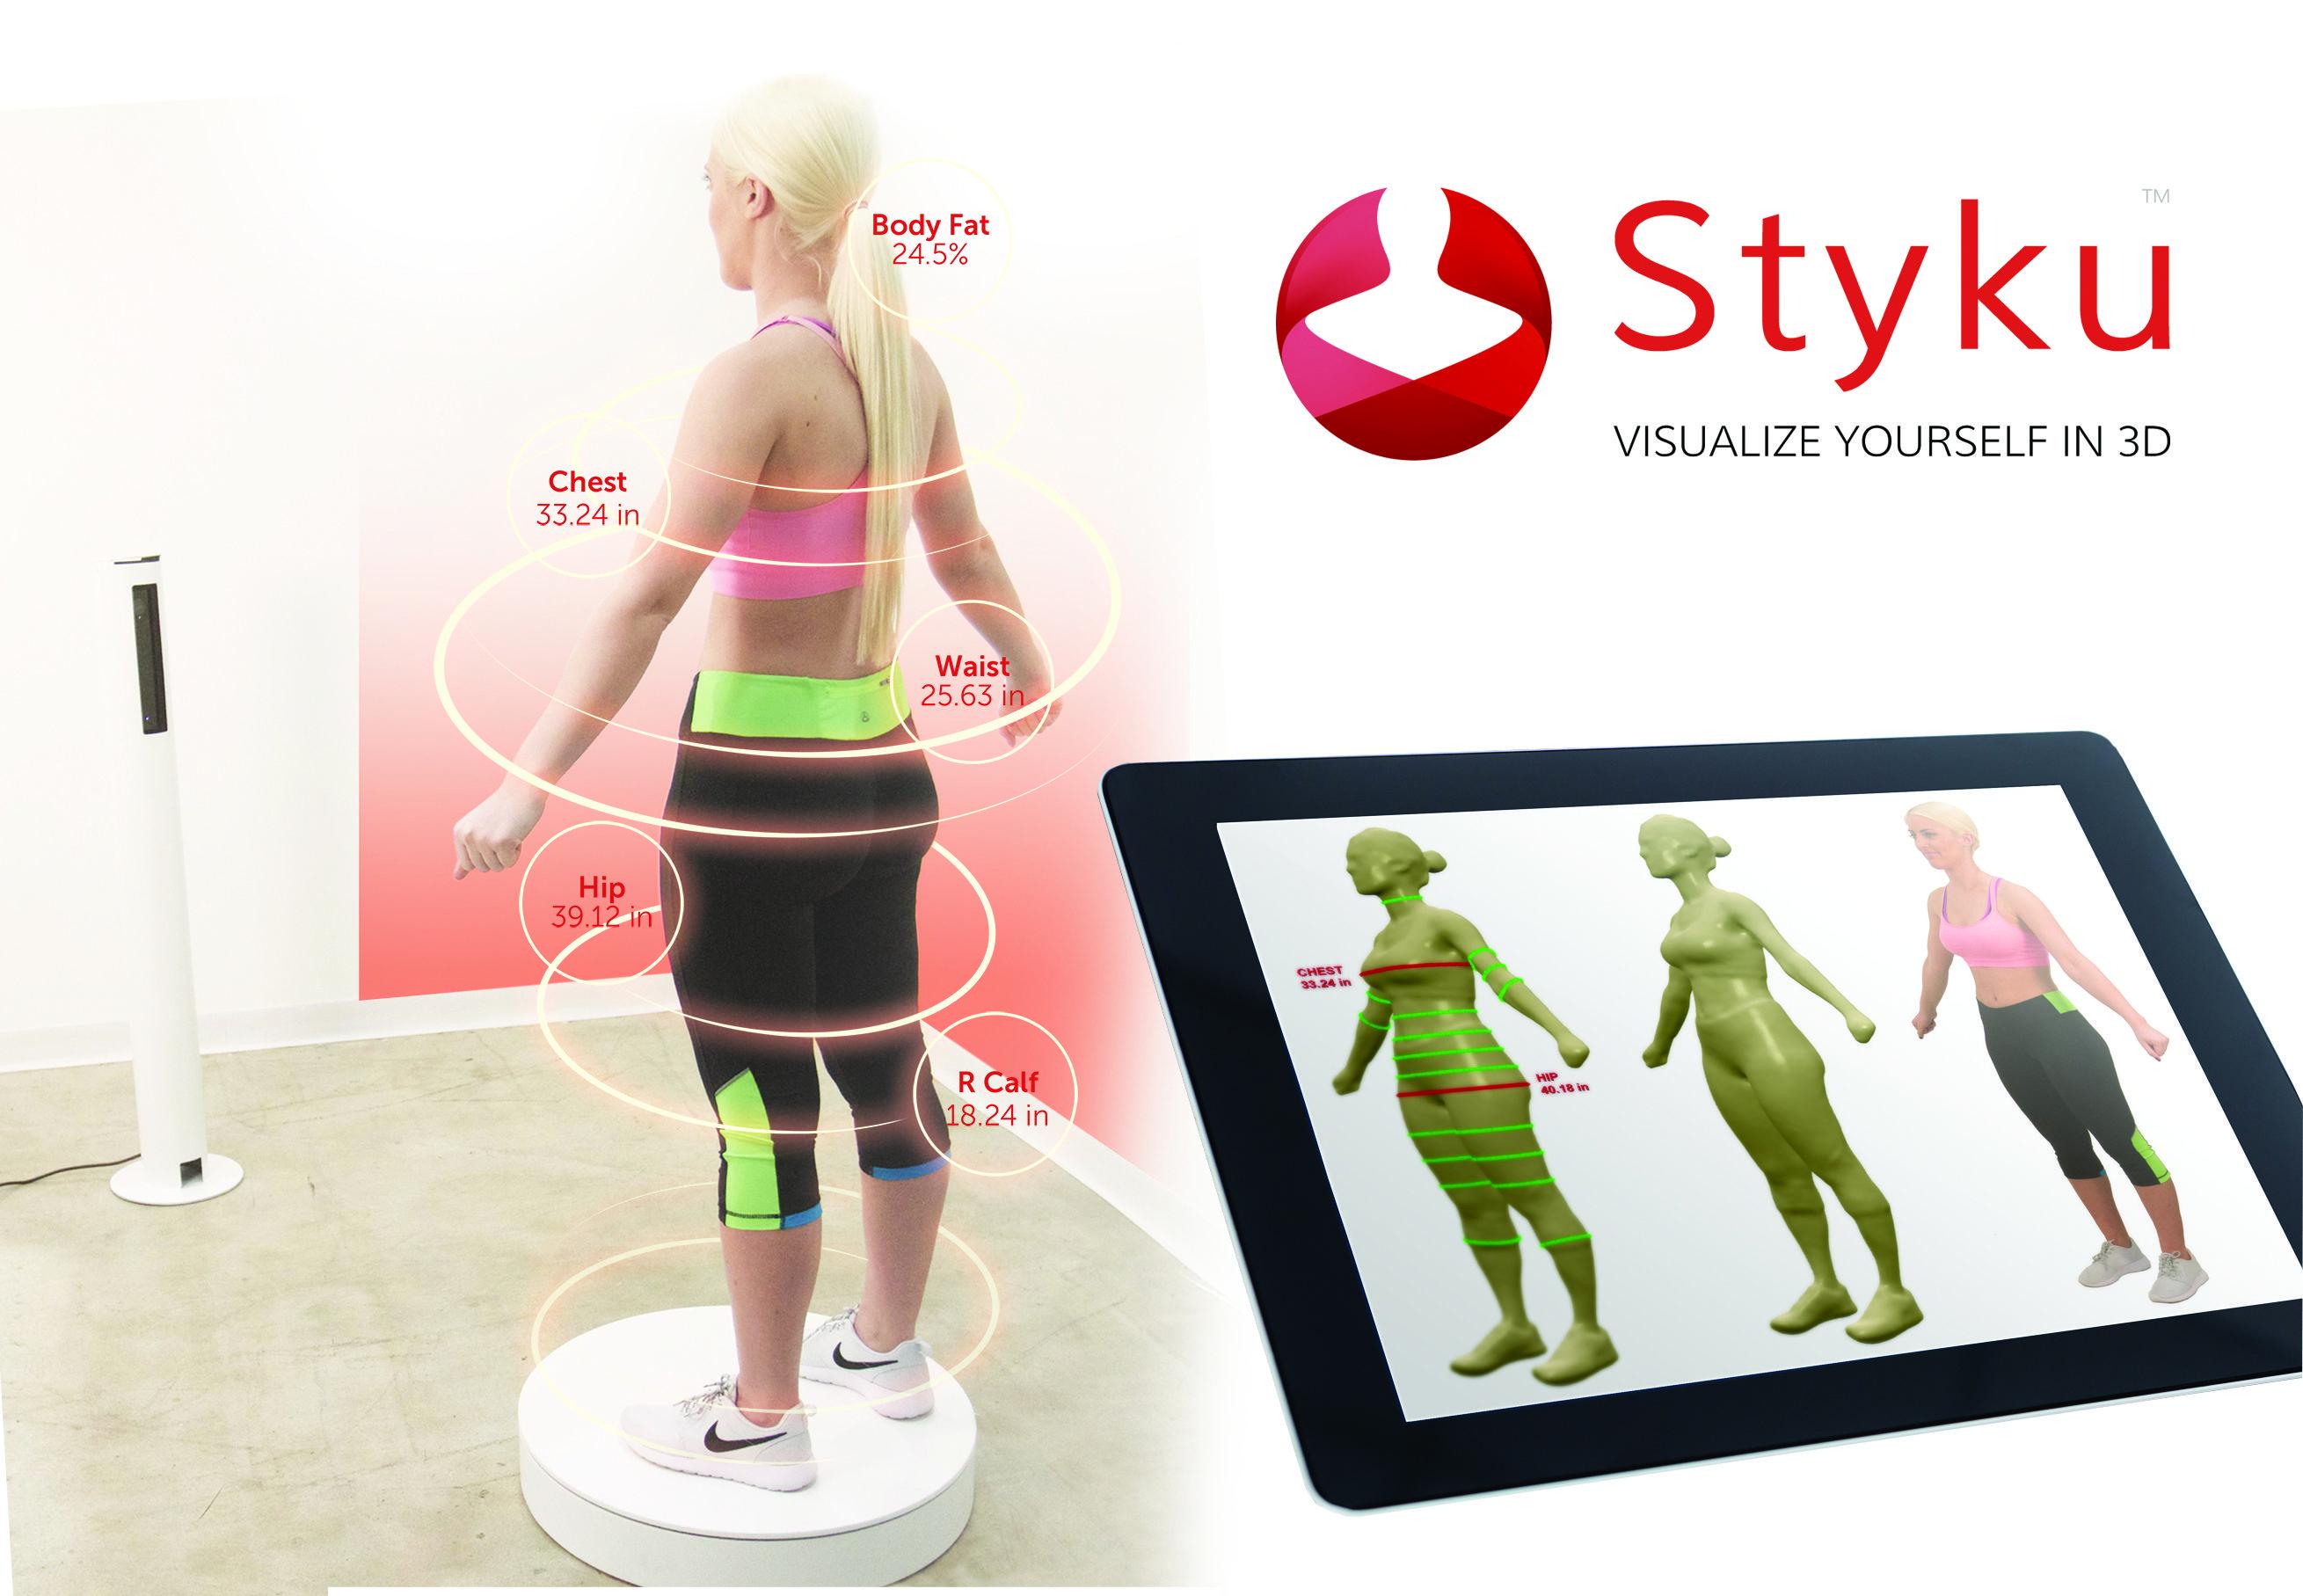 Para estrenar el 2017 Rocfit trae un nuevo producto al sector del fitness: #Styku. Un revolucionario escáner corporal en 3D creado con Microsoft para capturar la forma y las medidas reales de todos los clientes.